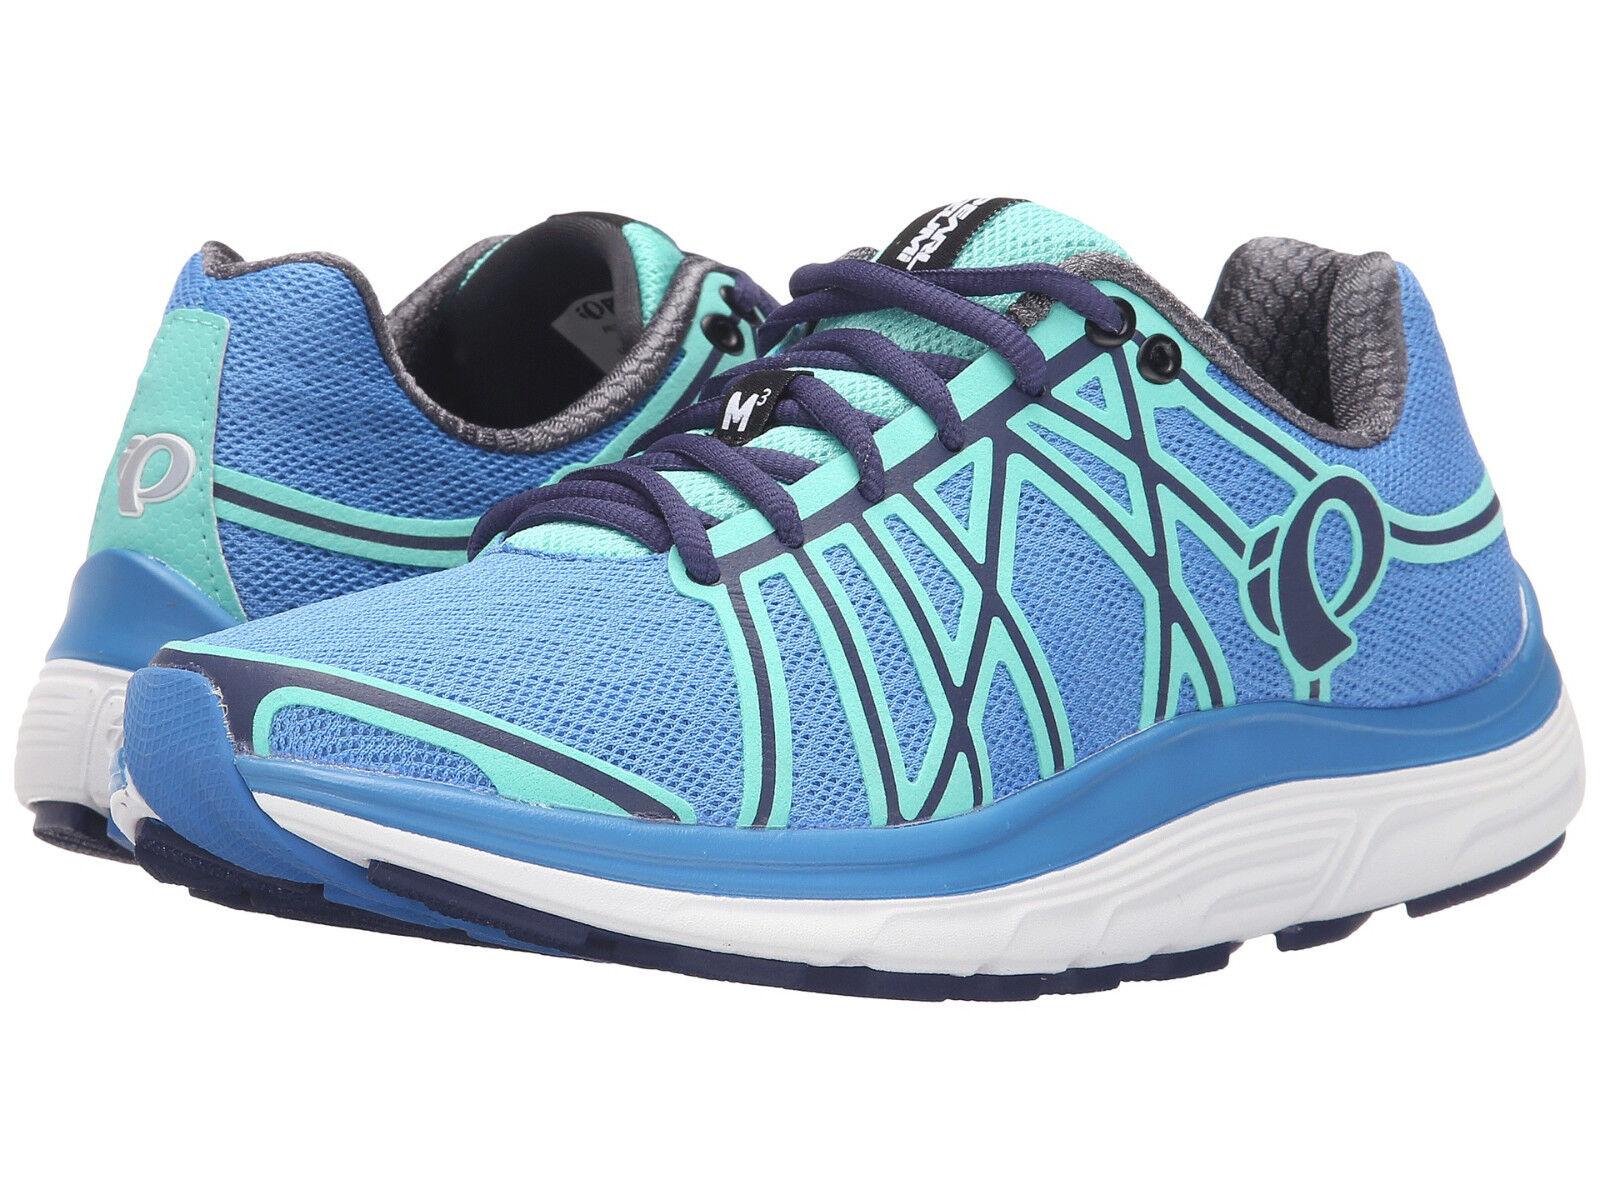 Pearl Izumi Women's EM Road M3 v2 Running Shoes, Sky Blue/Aqua Mint (Size 6.5 M)